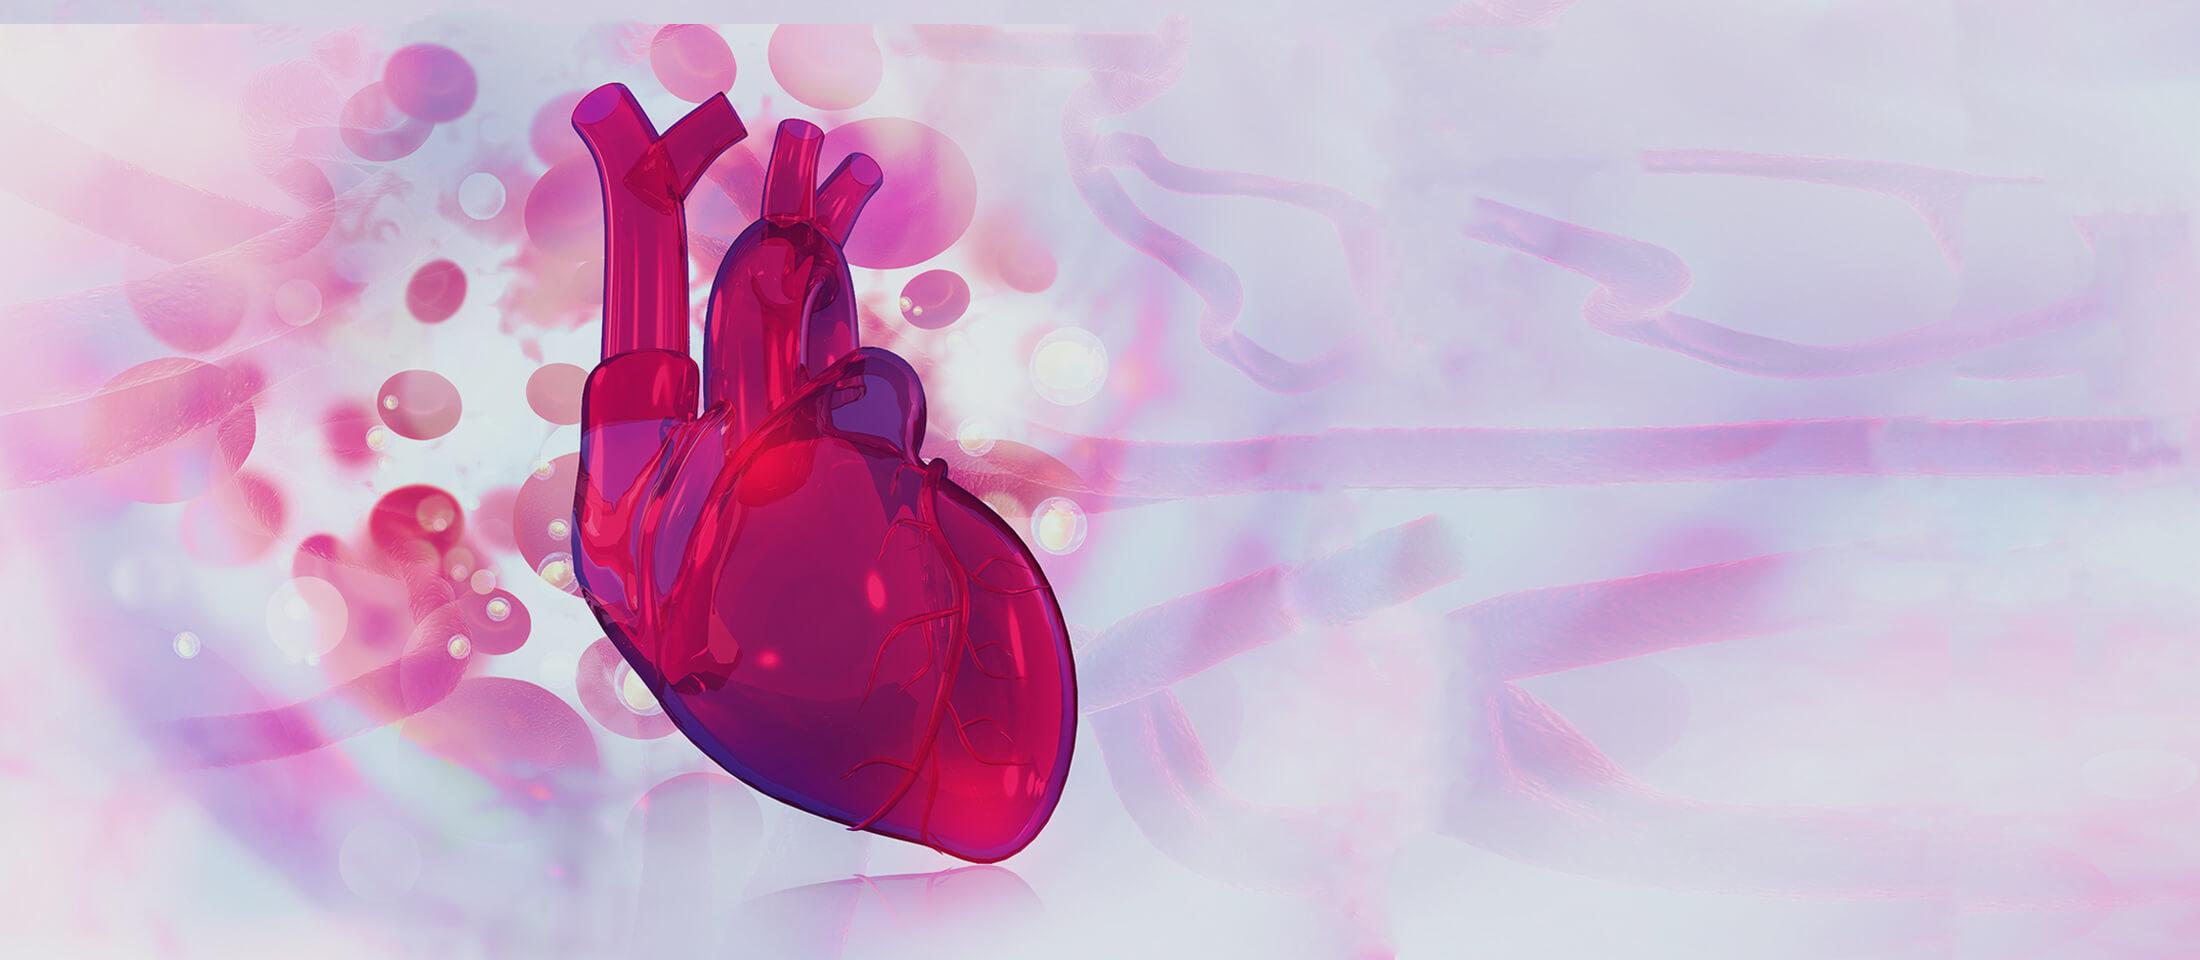 valvida-aortis_slider-2